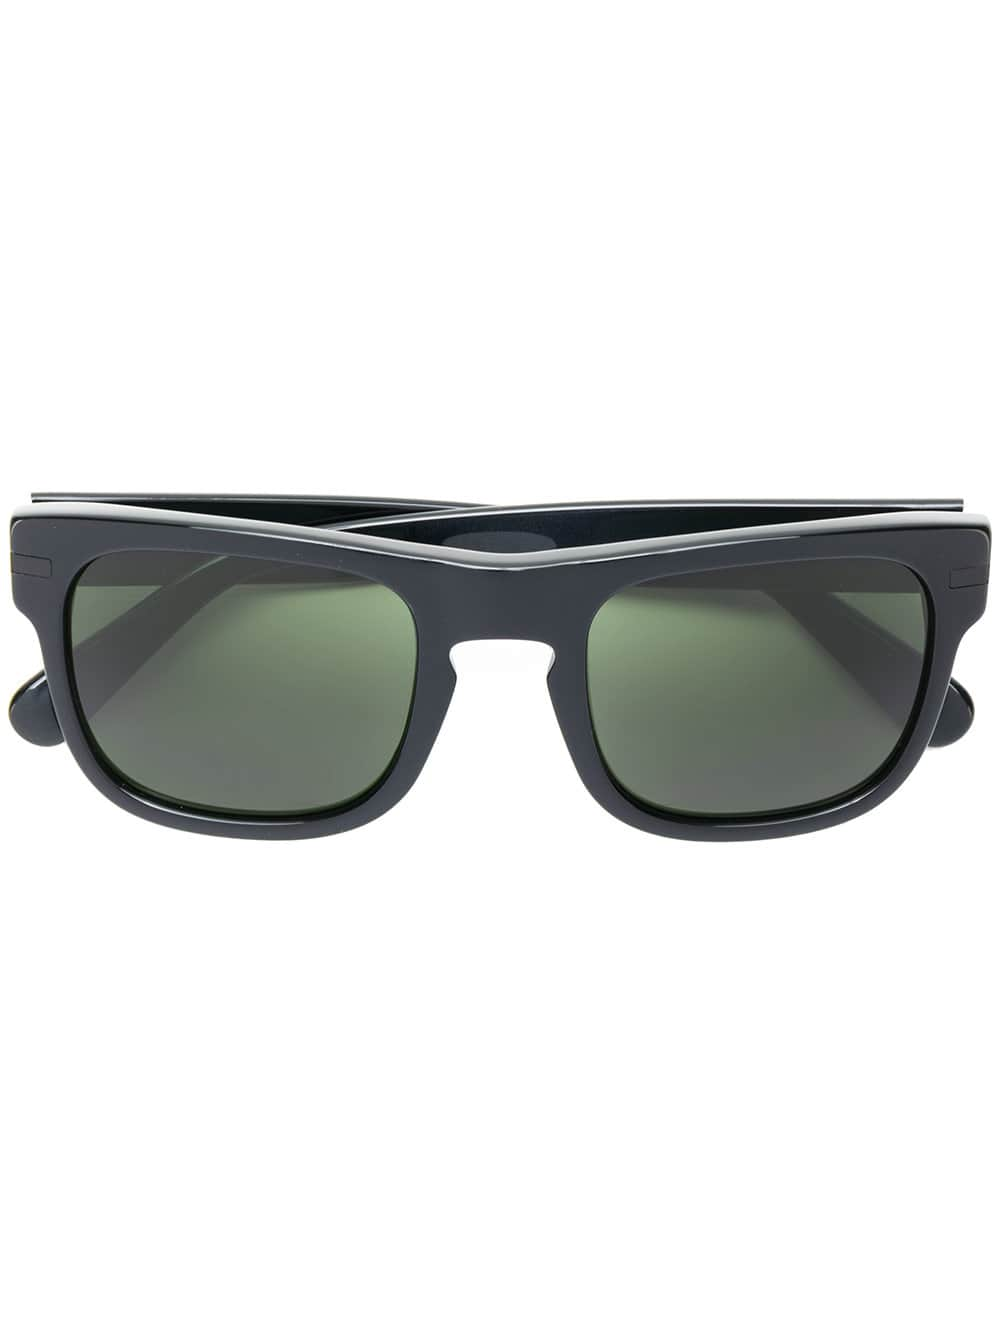 ELLOS MODA  | Los mejores estilos de lentes de sol para hombres